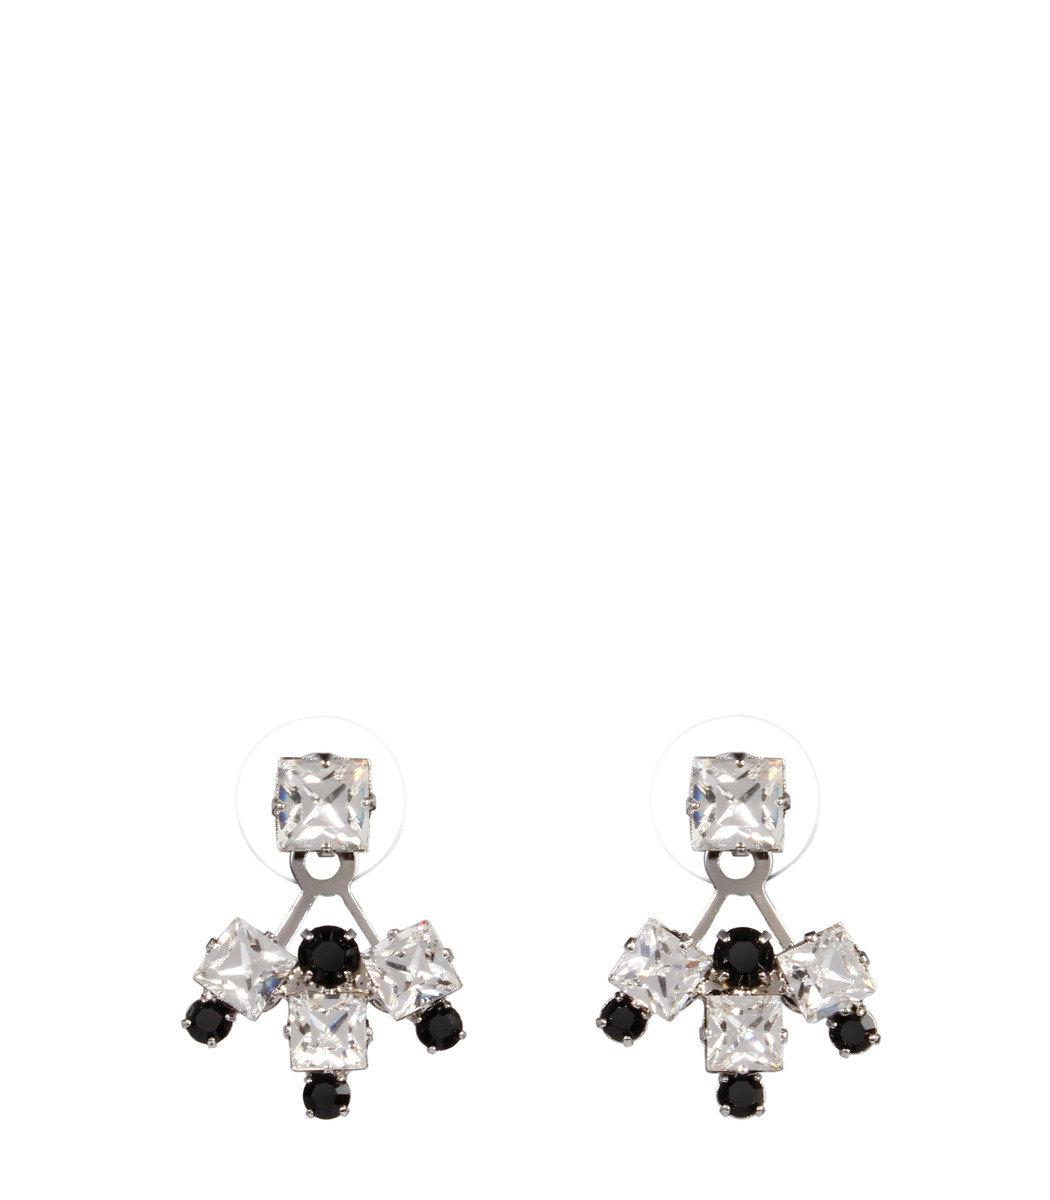 水晶Ear deco 耳環